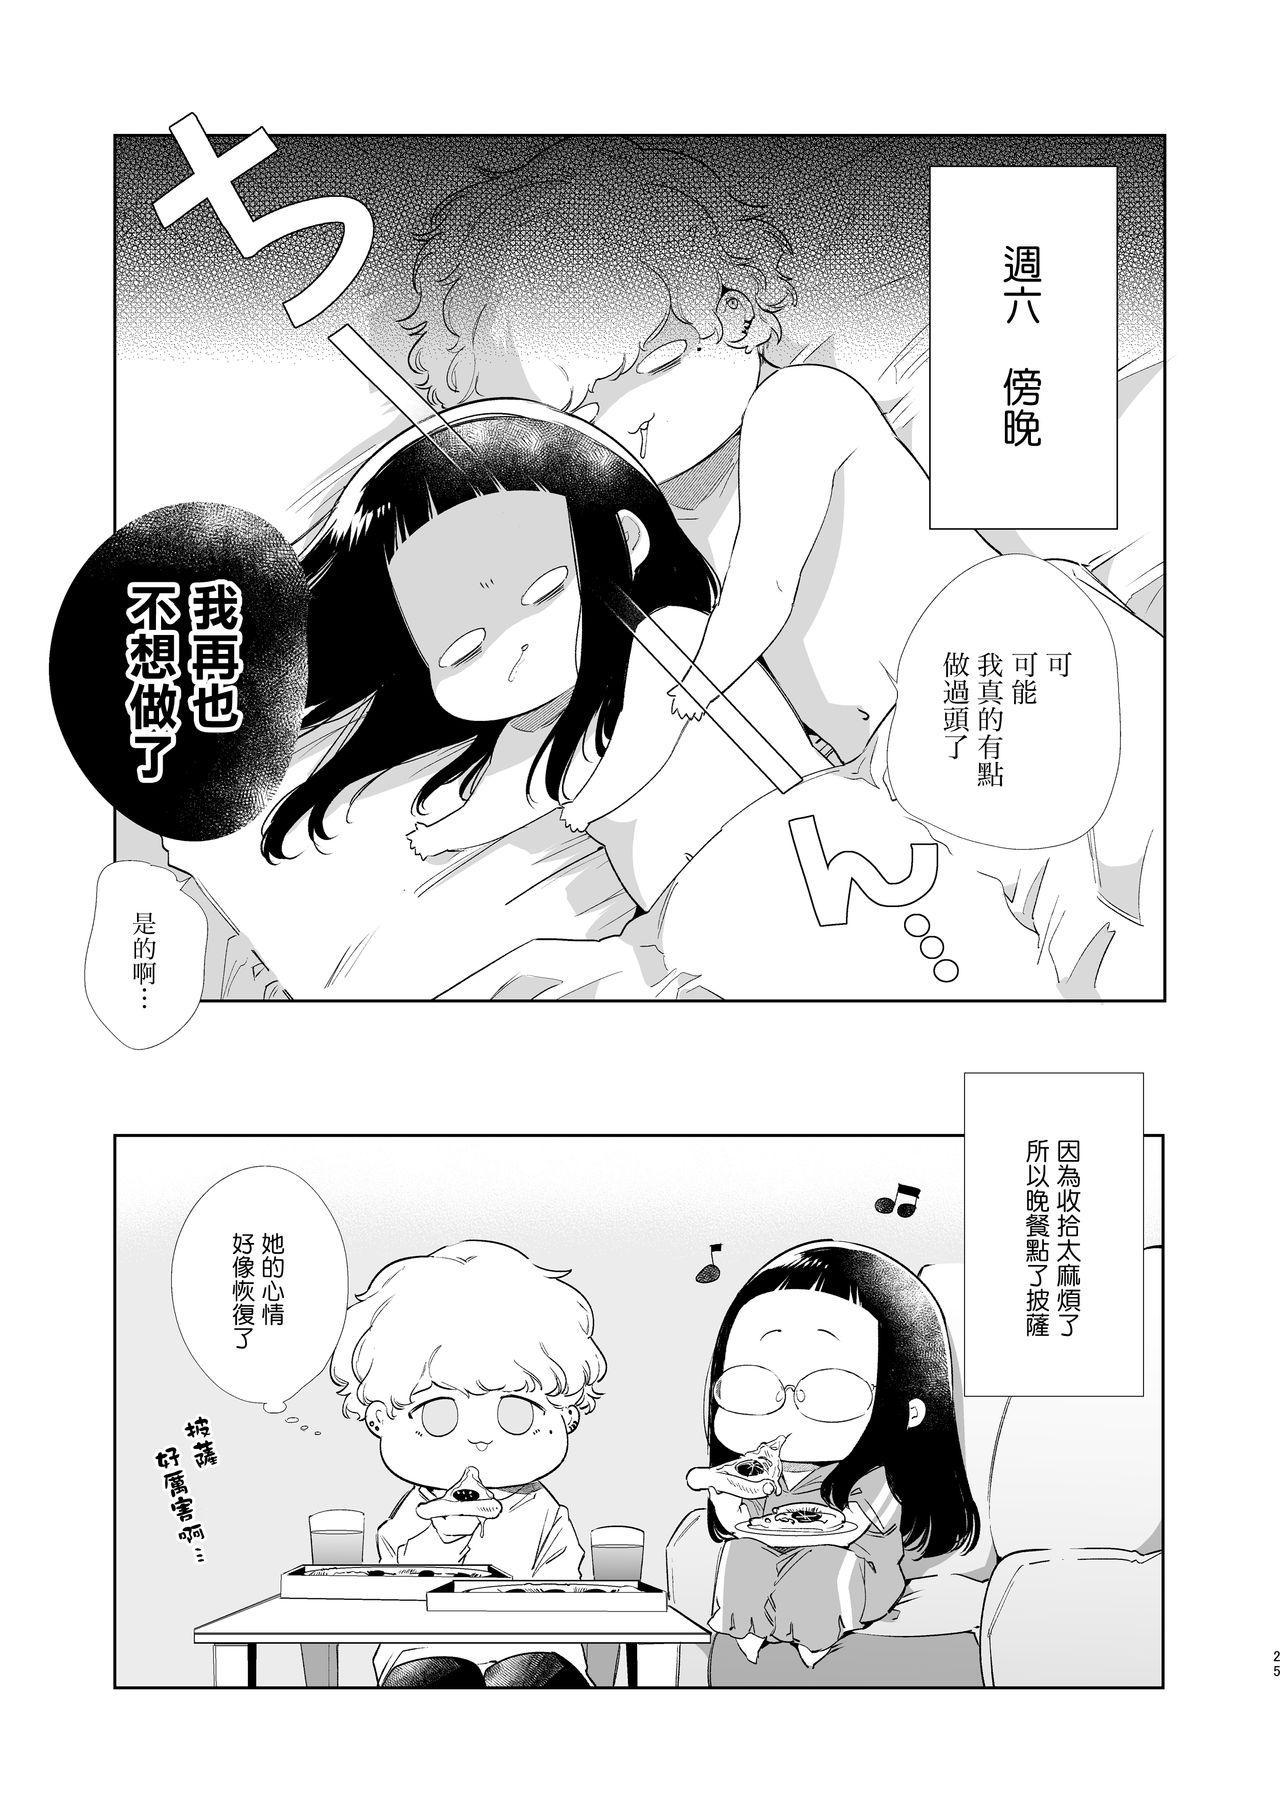 [Yatomomin (Yamamoto Tomomitsu)] Majime-chan to Kimama-kun AM1:30 [Chinese] [無邪気漢化組] [Digital] 23